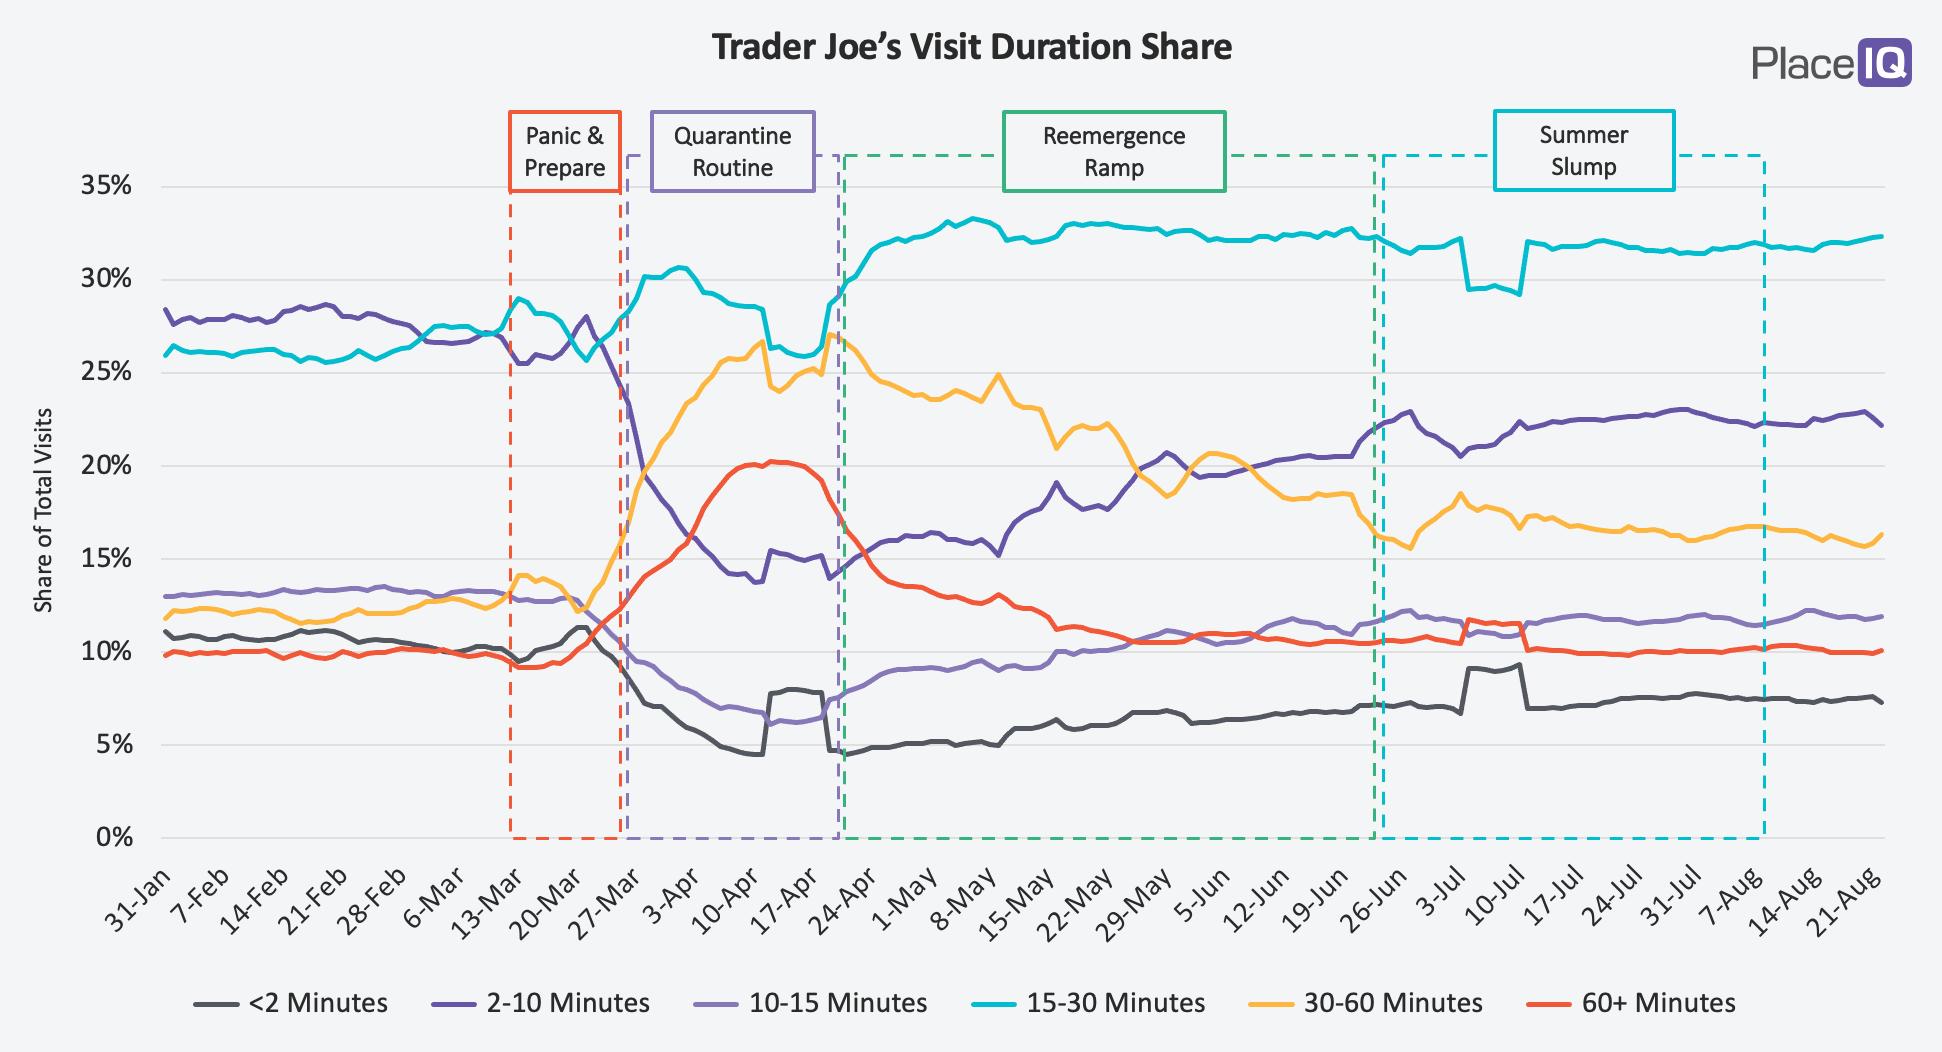 CHART: Trader Joe's Visit Duration Share